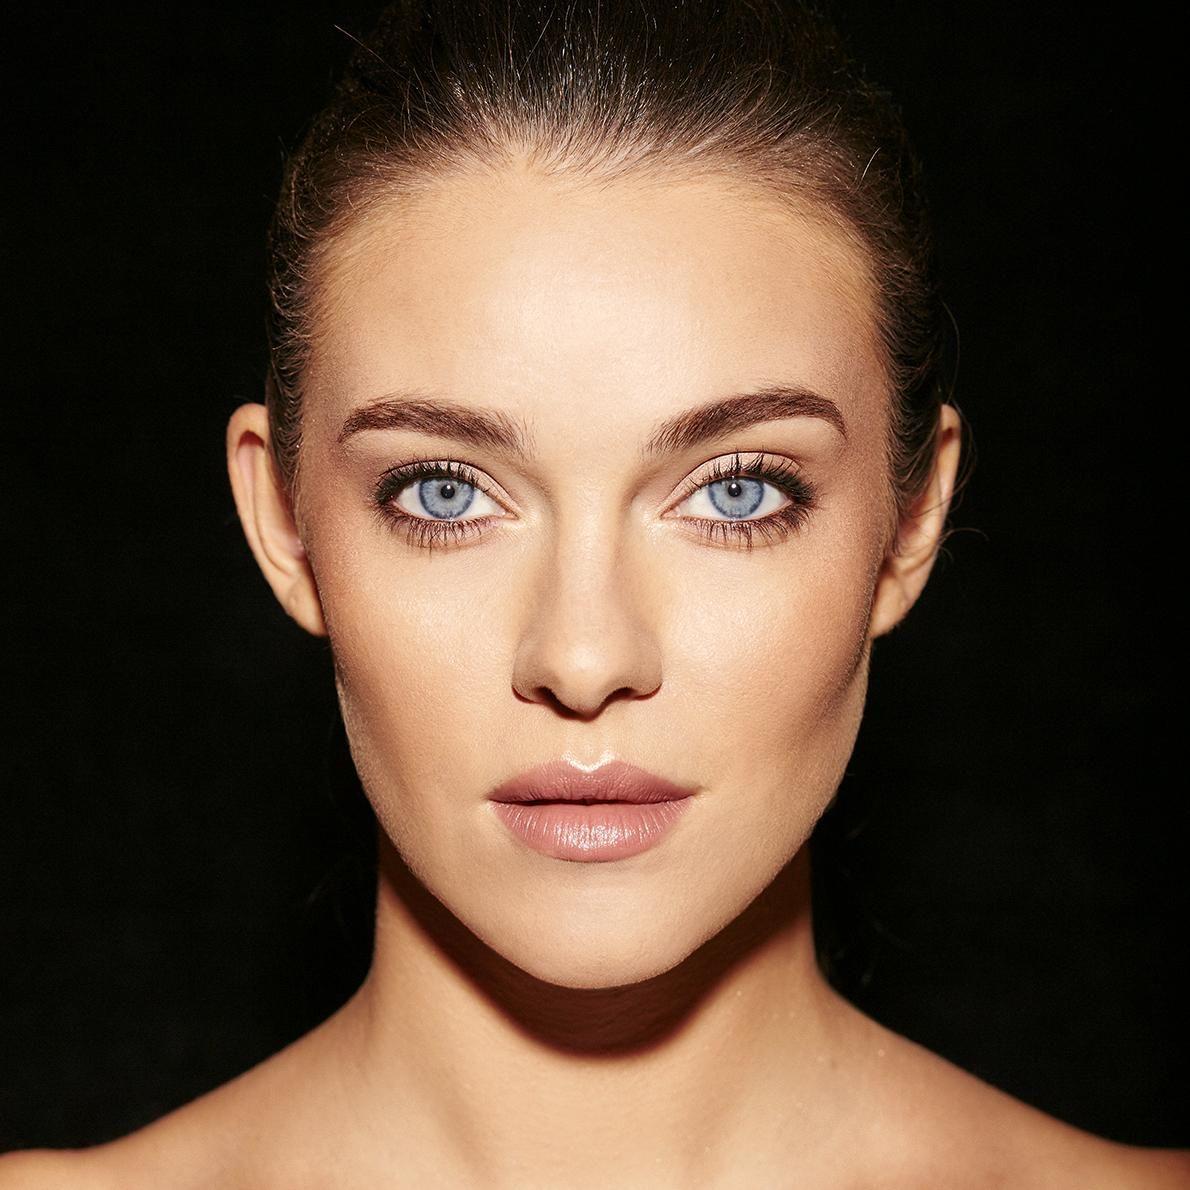 #Maquillage chic et naturel en 4 étapes